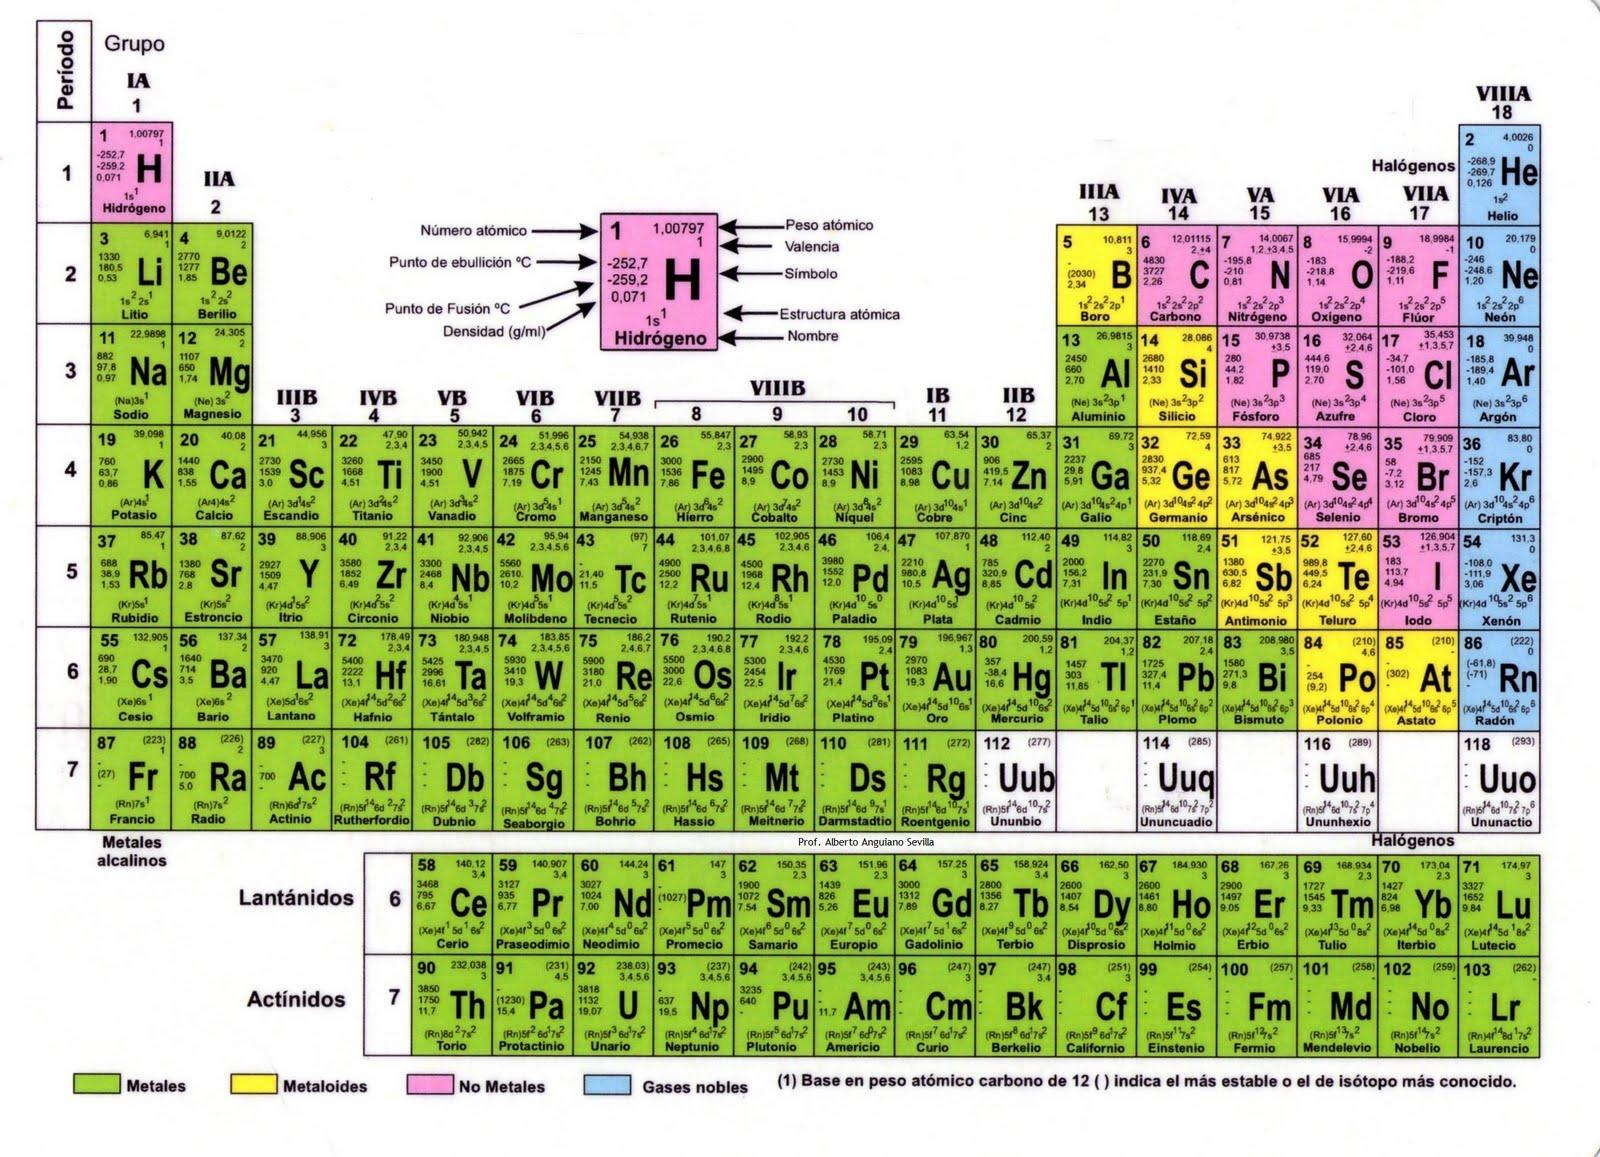 La quimica los elementos de la quimica los elementos proceden de sus nombres en griegolatningles o llevan el nombre de su descubridor o ciudad en que se descubrieron los elementos qumicos urtaz Image collections